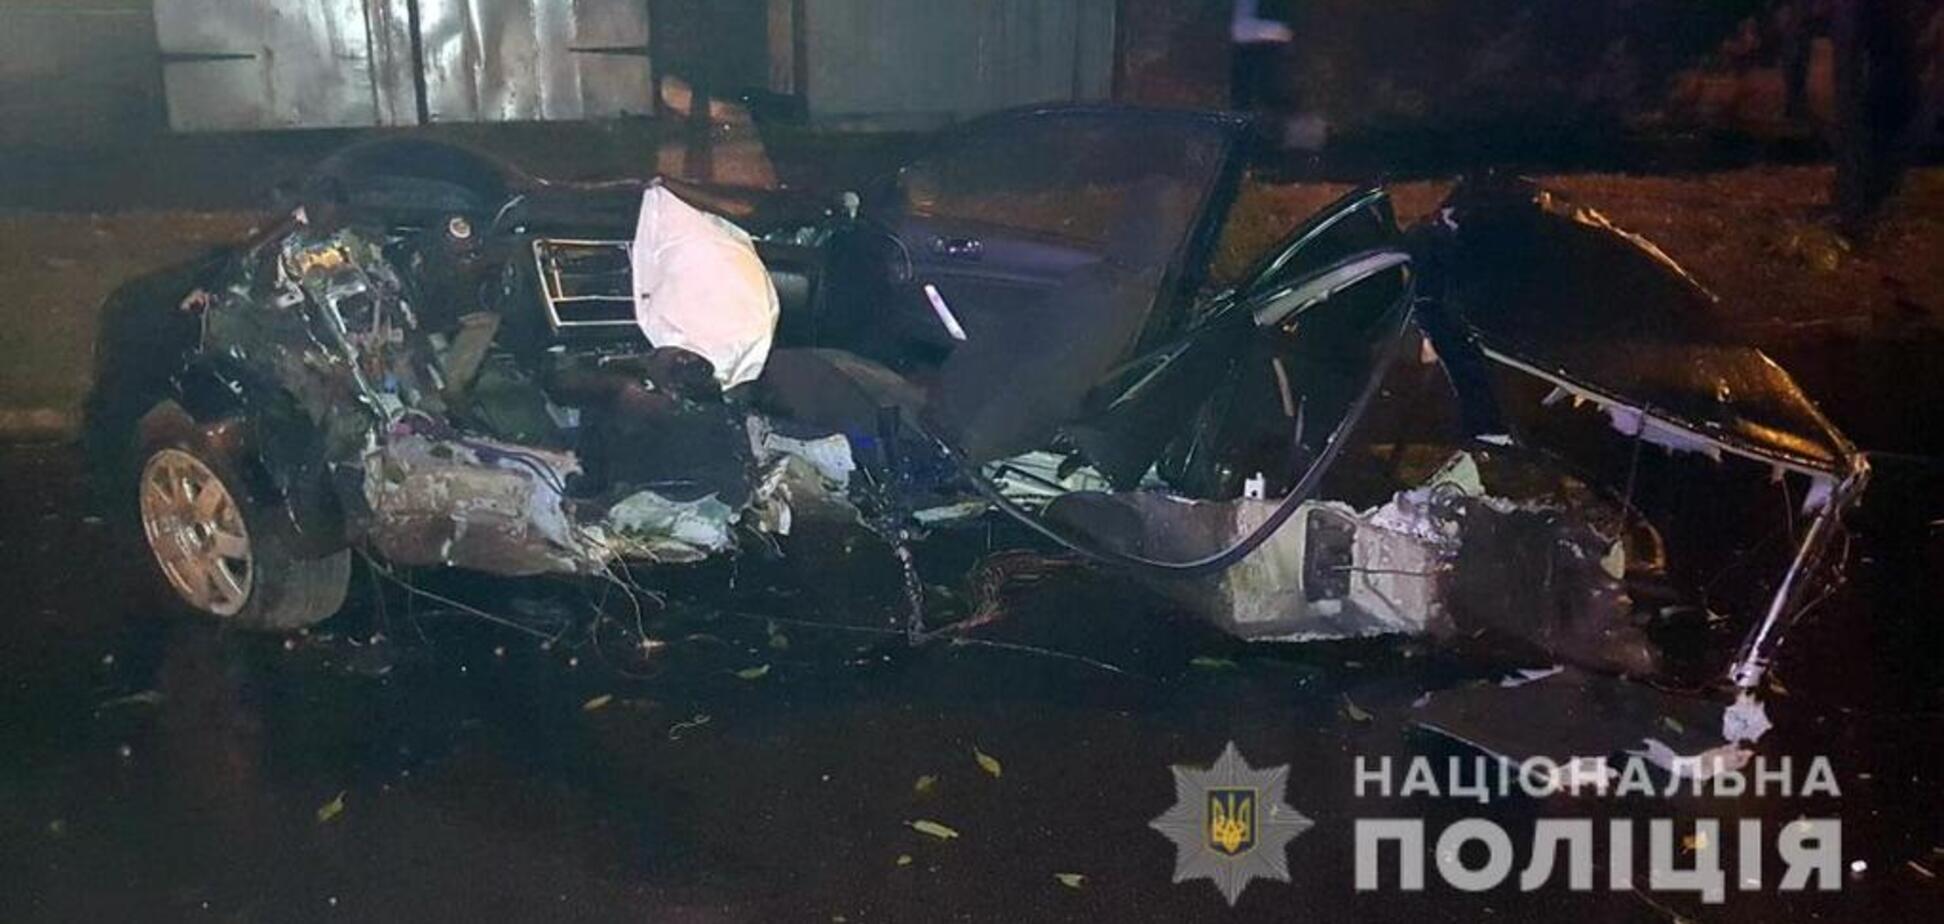 УЧернігові в ДТП загинуло 4 підлітків